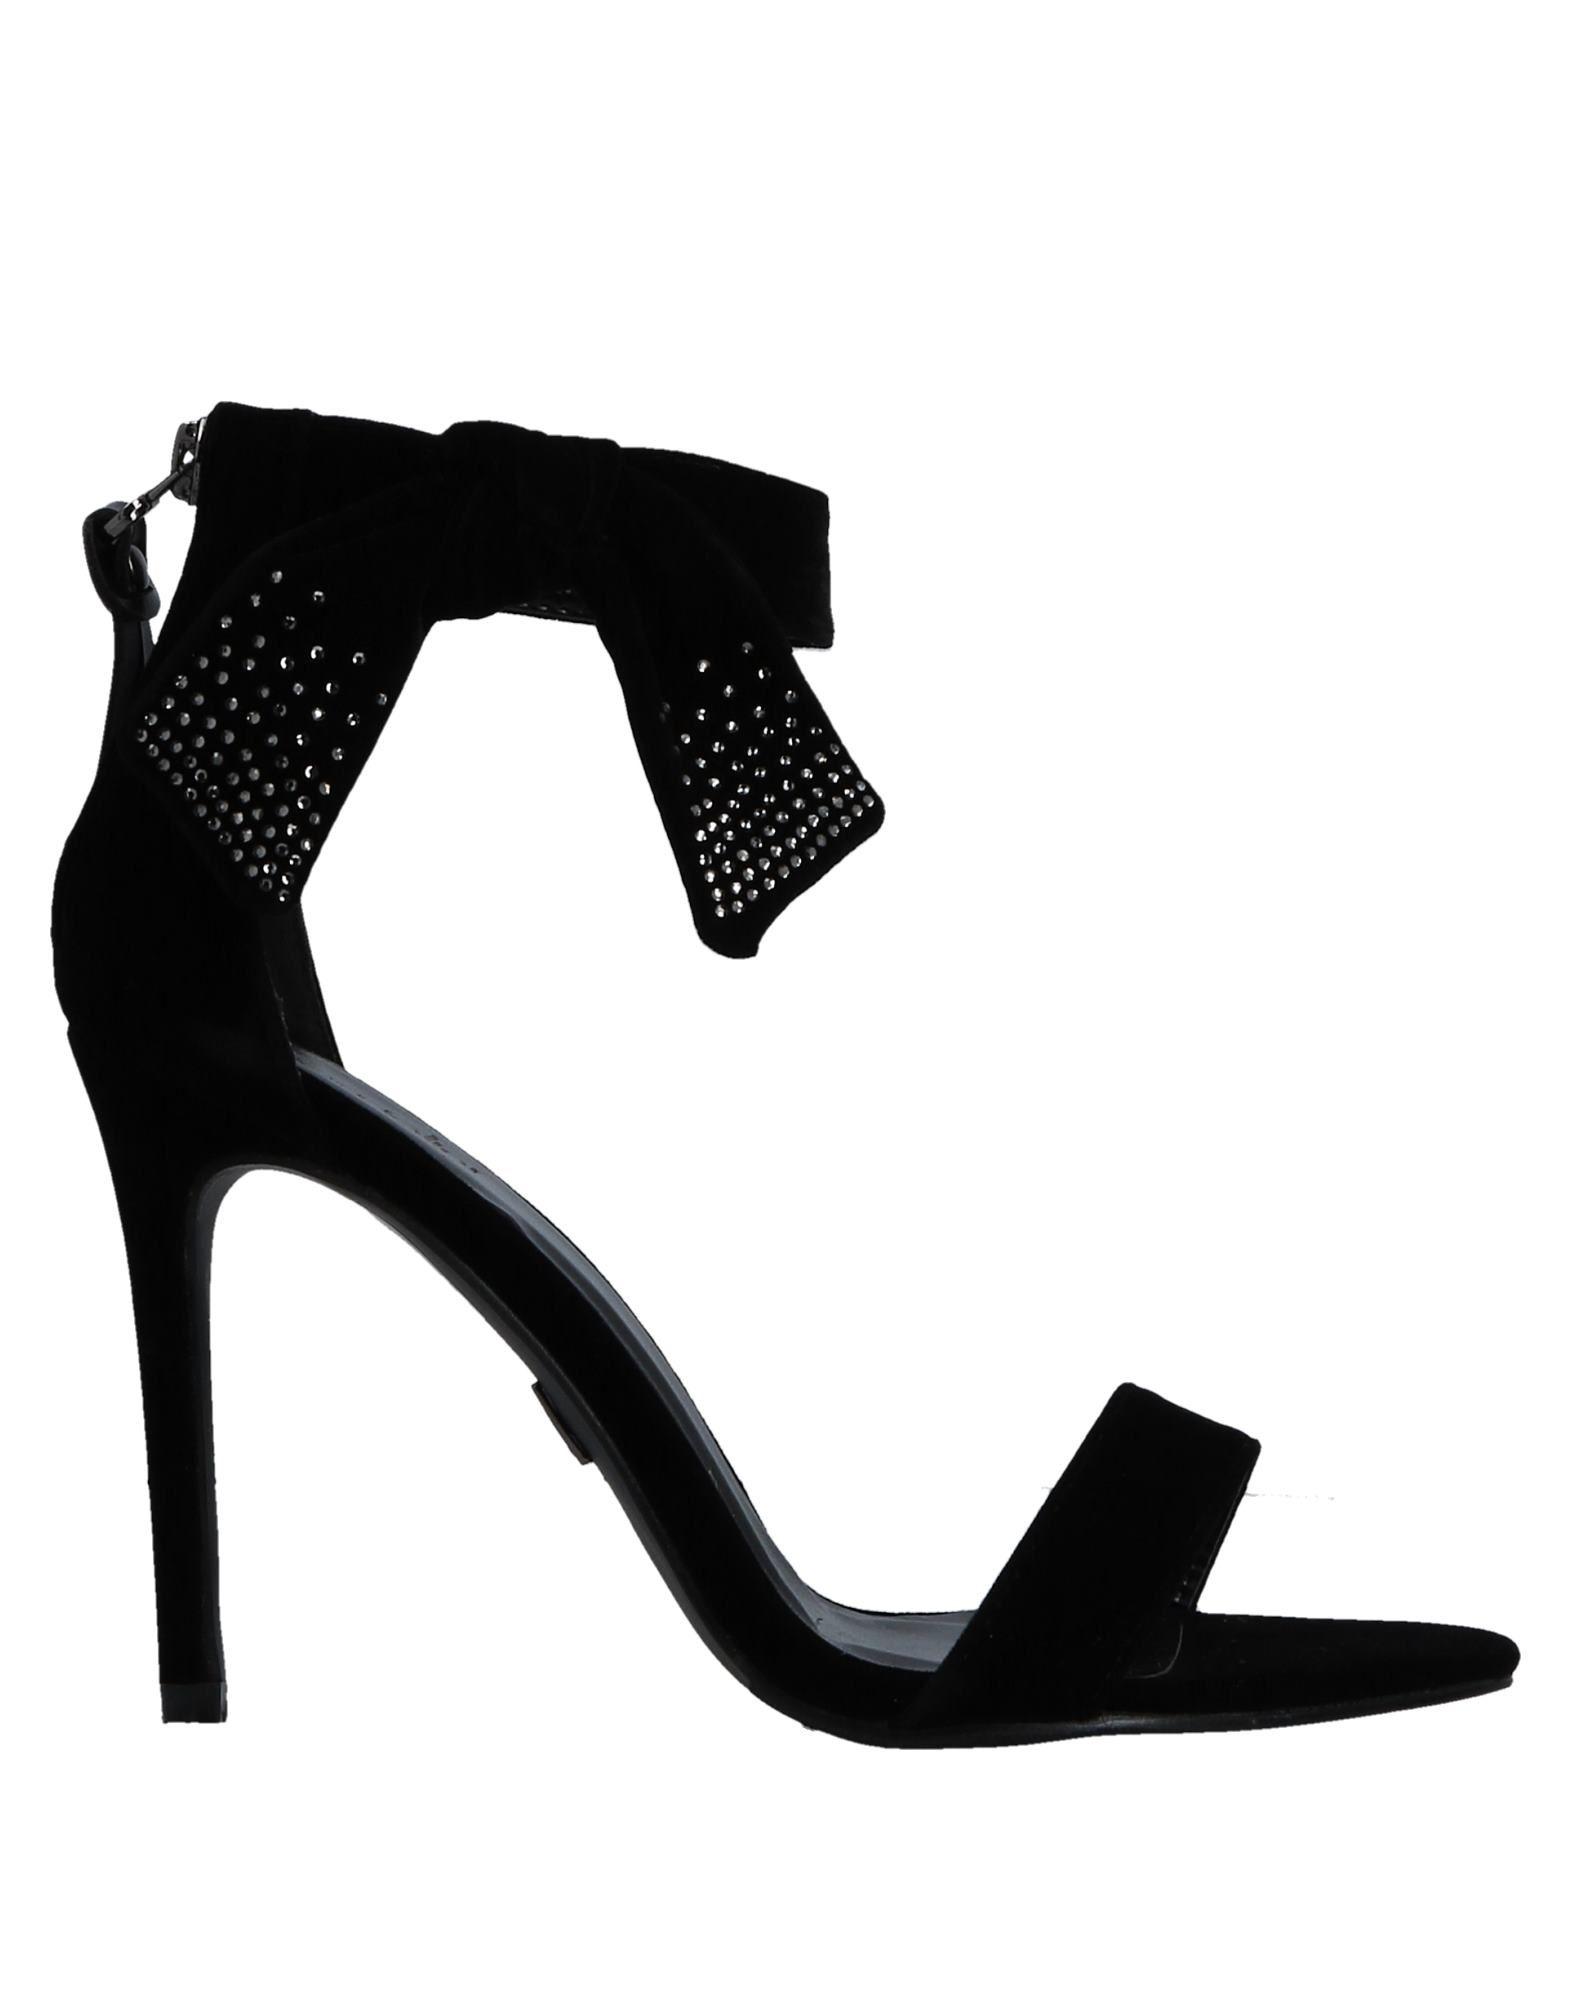 Braccialini Sandalen Damen  11527033UP Gute Qualität beliebte Schuhe Schuhe Schuhe 961bd1